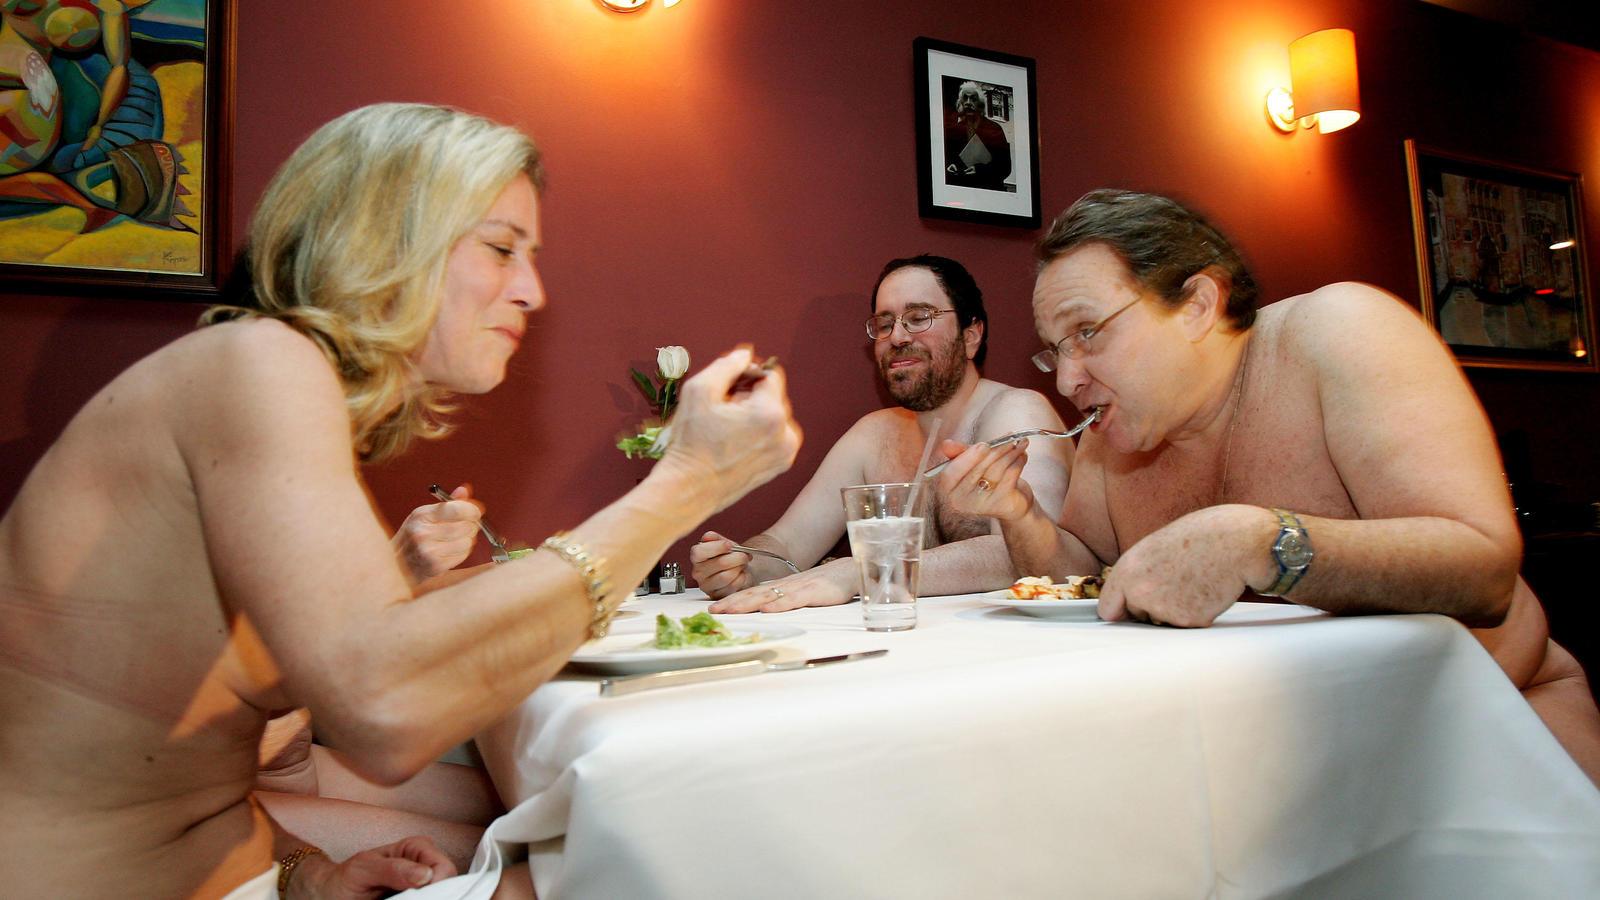 Apre a Londra il primo ristorante per nudisti, la lista di attesa è già a 5000 persone